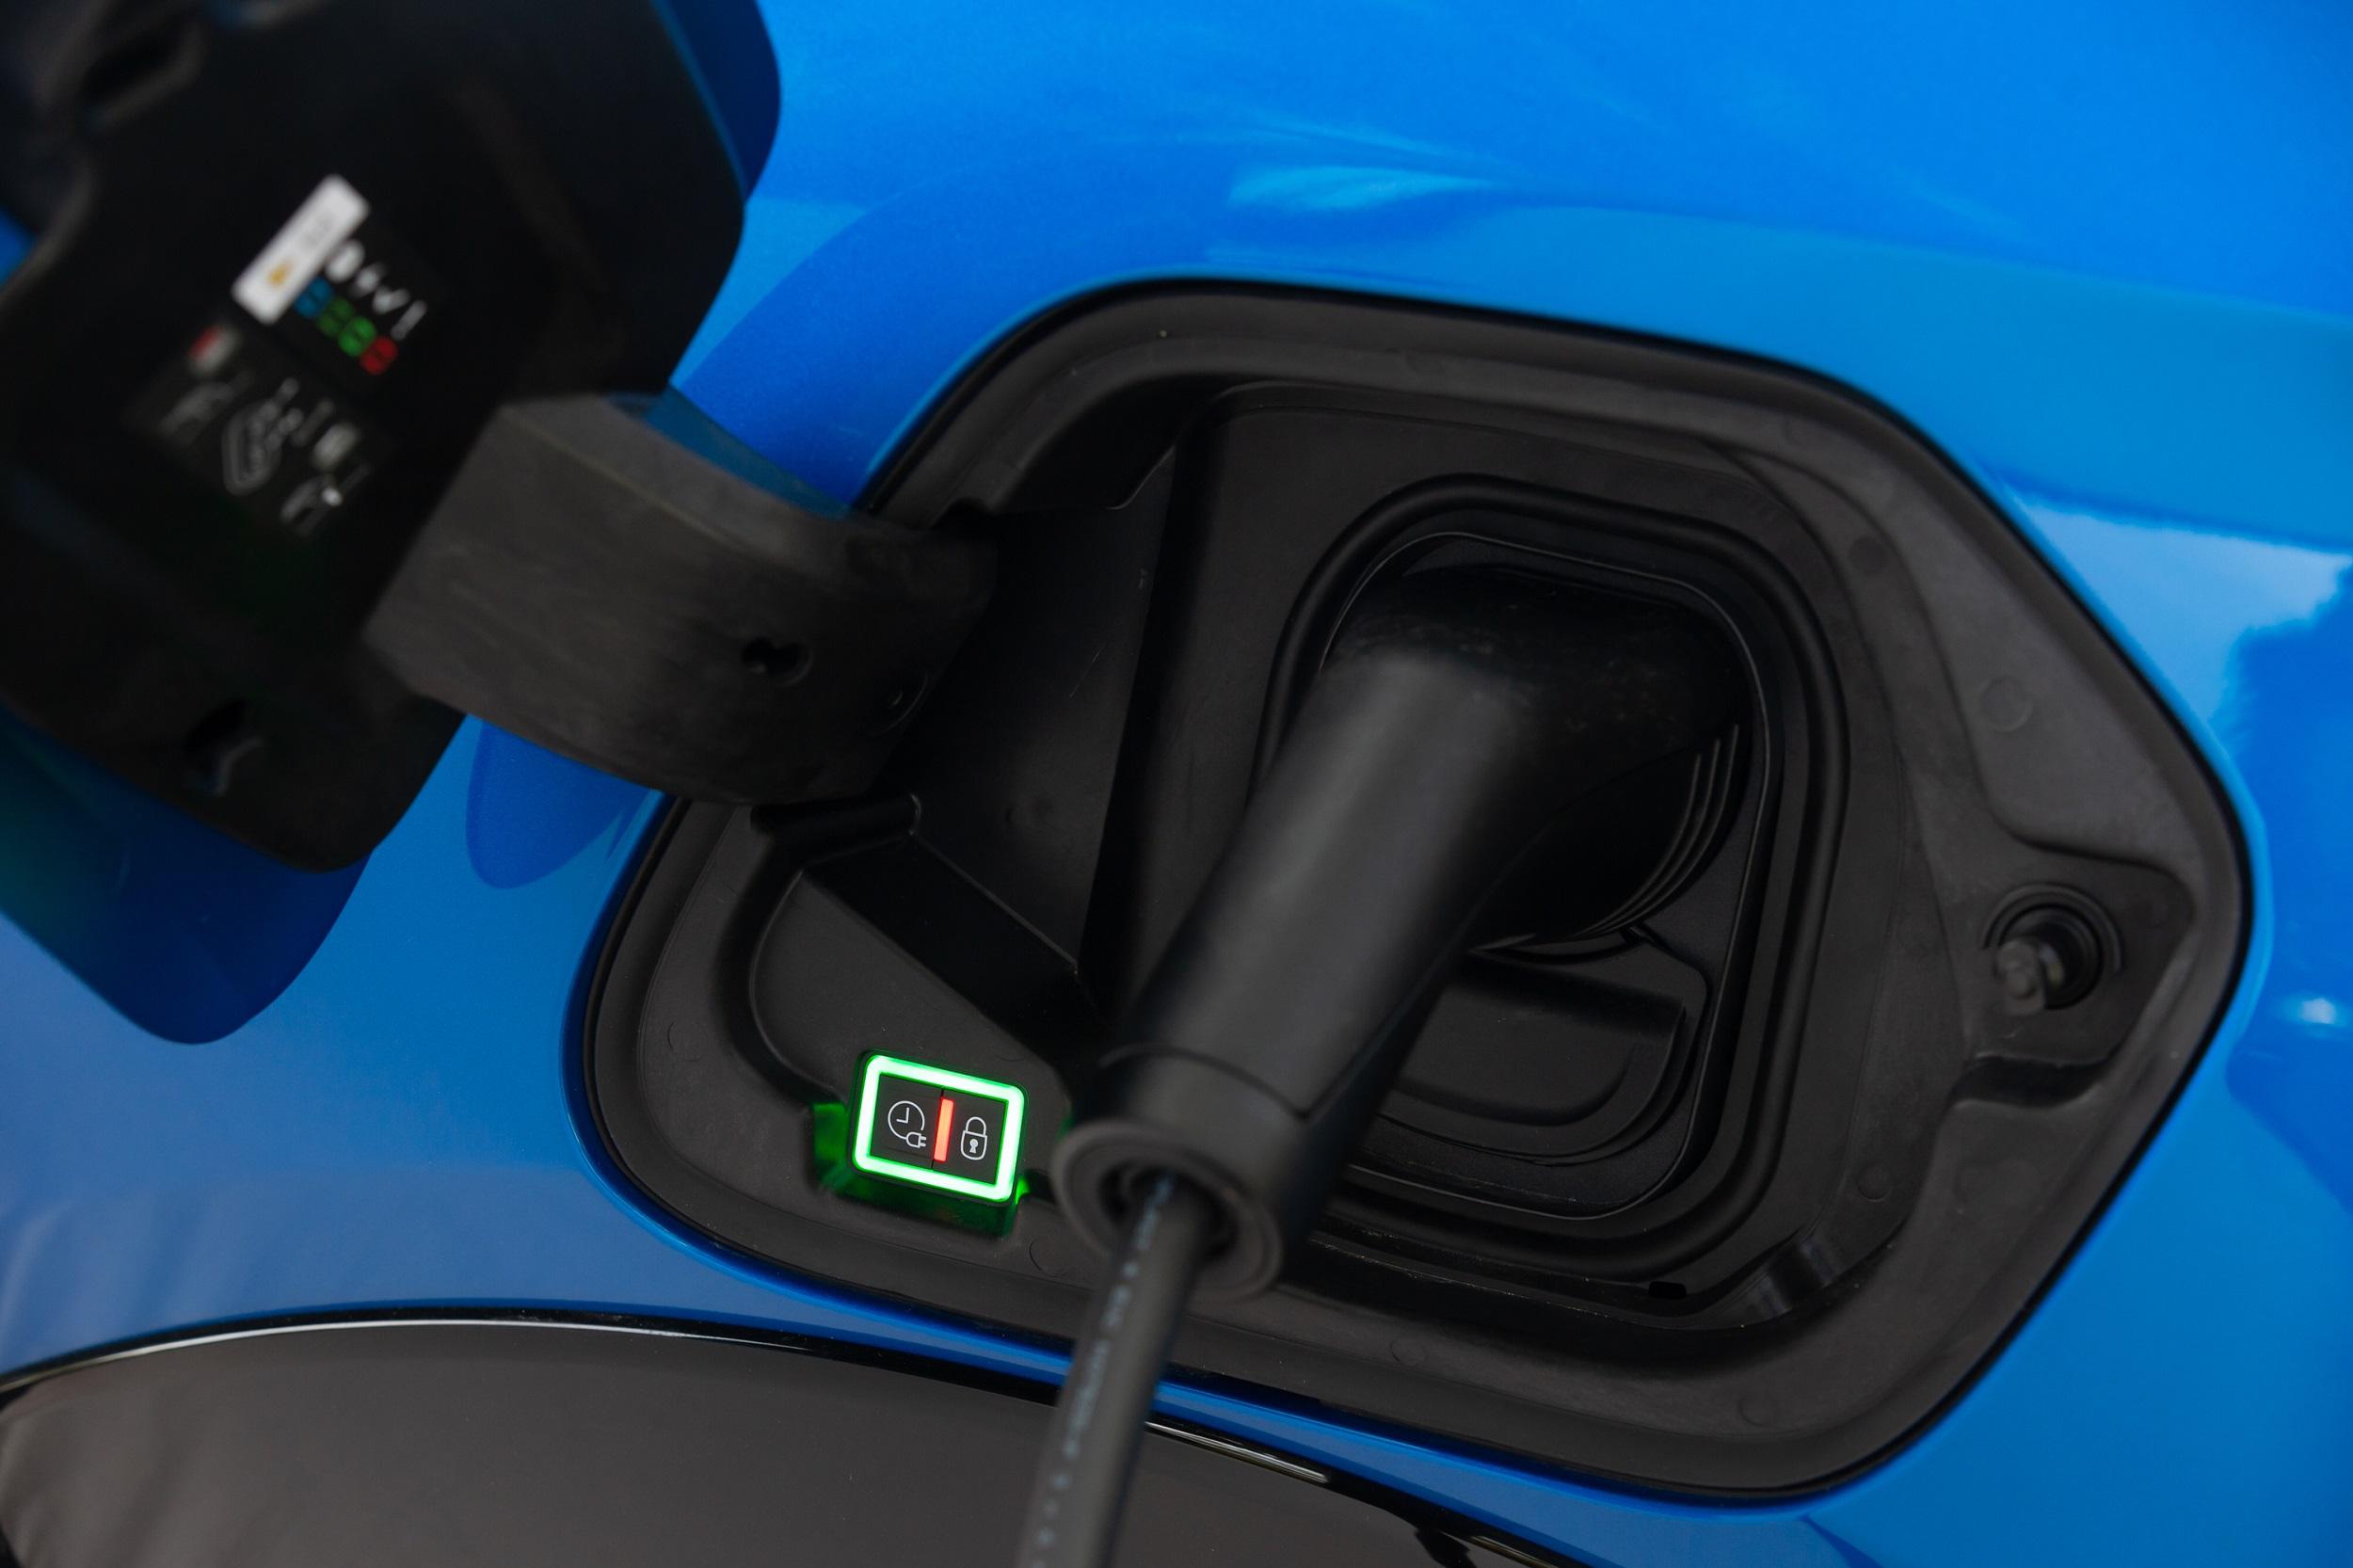 Stellantis veut porter ses ventes de véhicules électriques et hybrides de 14% aujourd'hui à 70% en 2030. (Photo Peugeot Media Center)